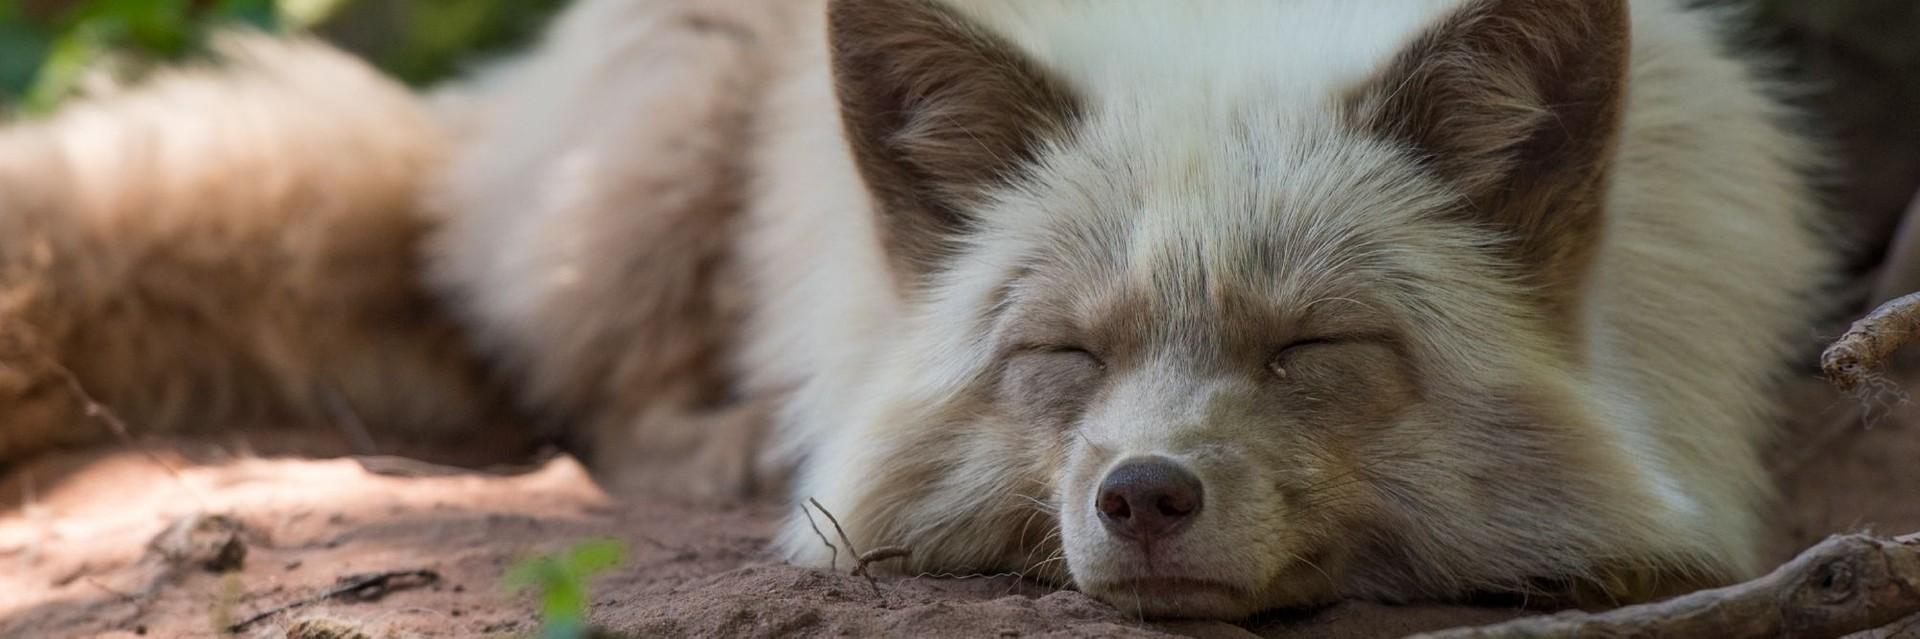 Rescued fur farm fox